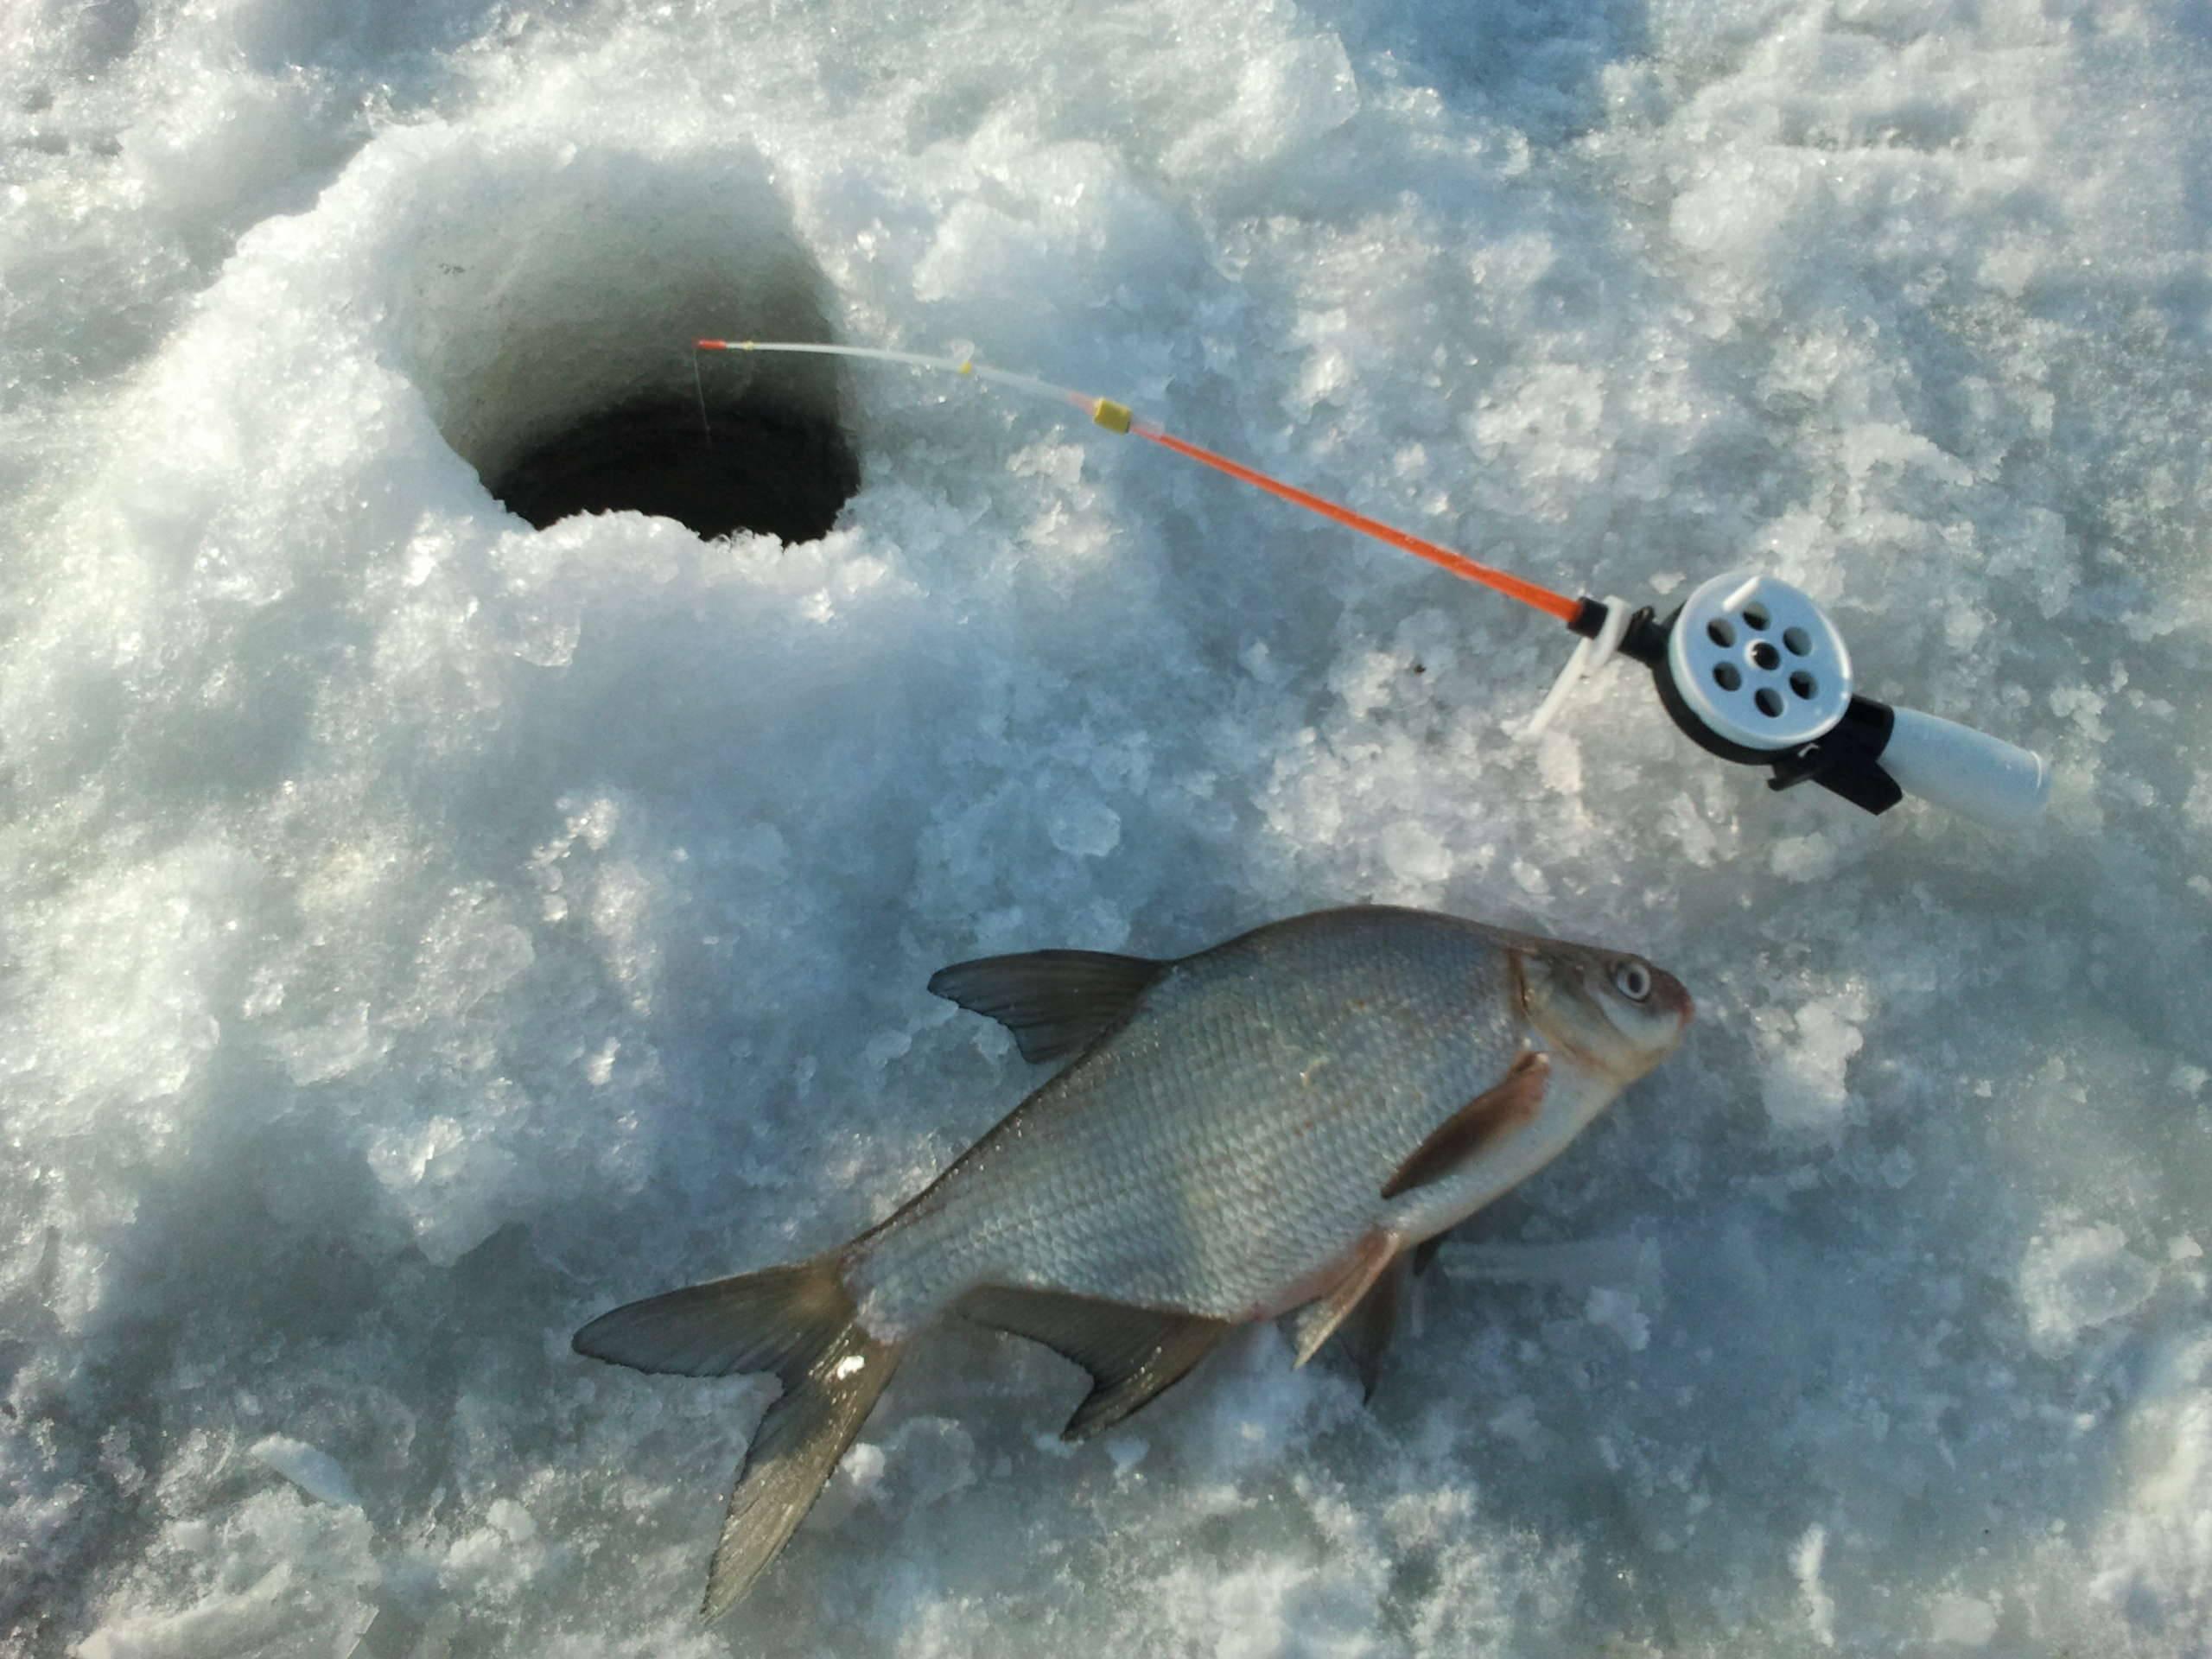 Рыбалка в феврале, ловля рыбы в феврале / ribalcka.ru